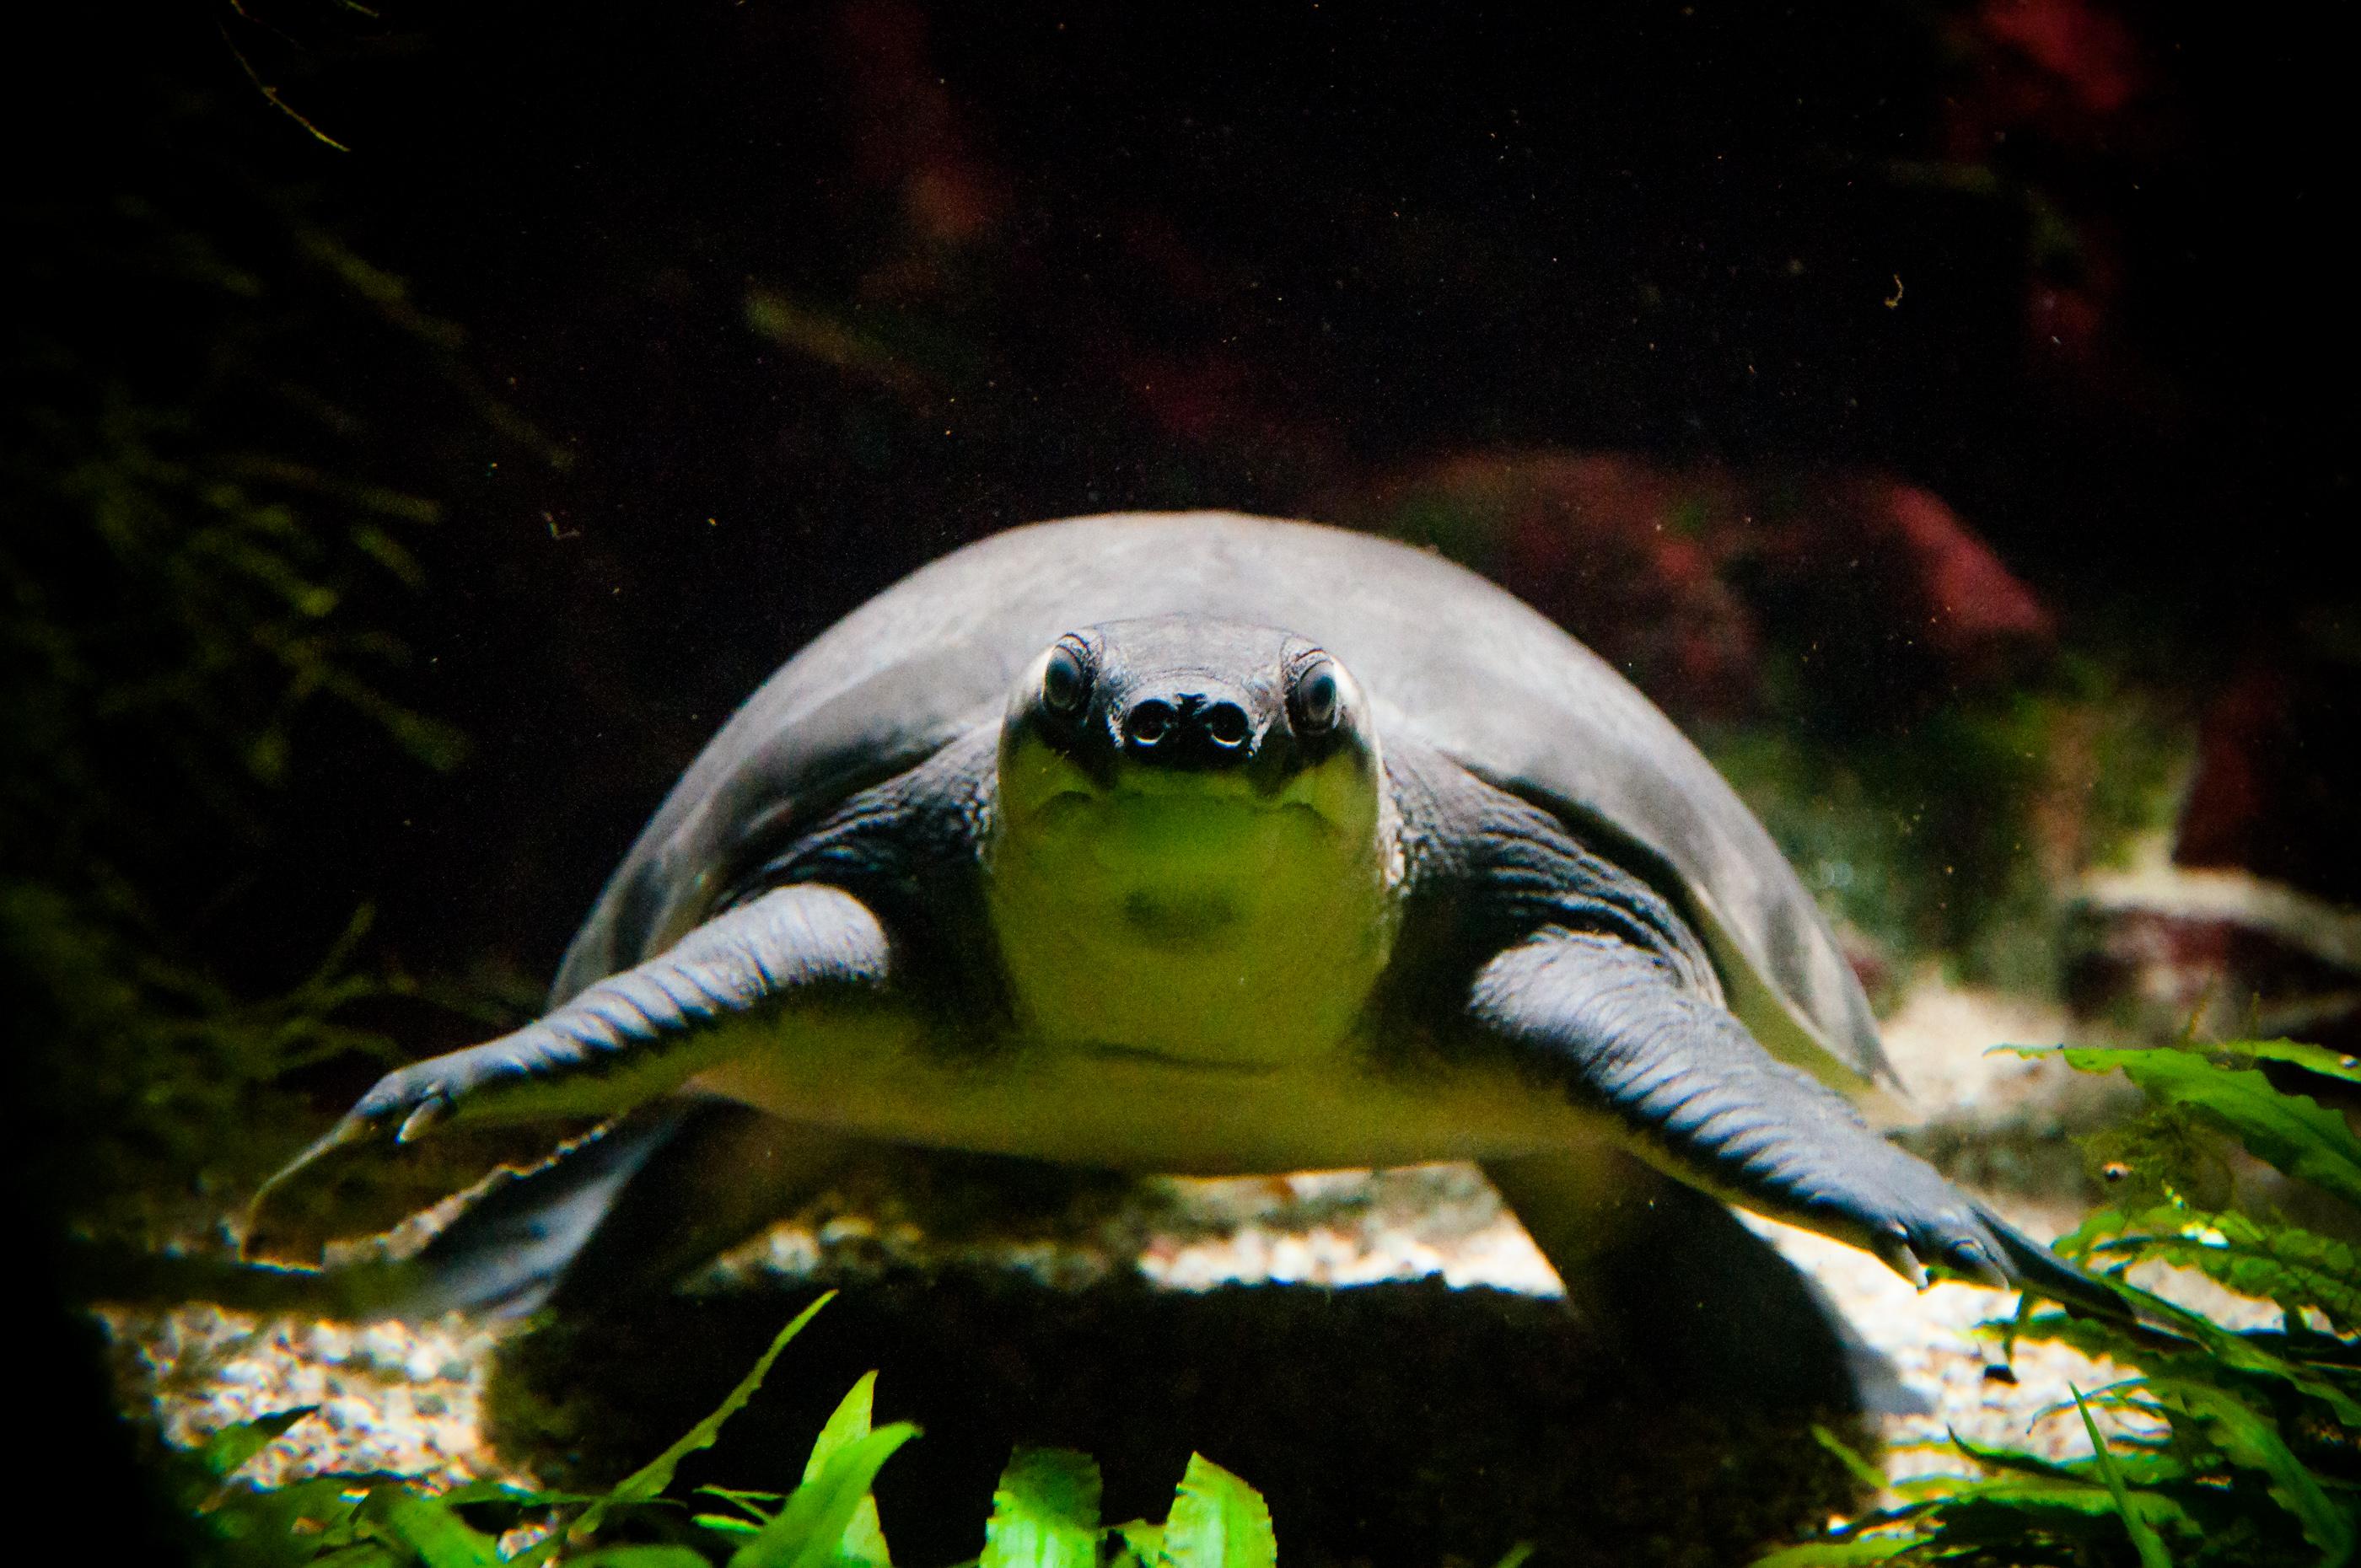 Turtle swimming, Adorable, Amazon, Animal, Aquarium, HQ Photo